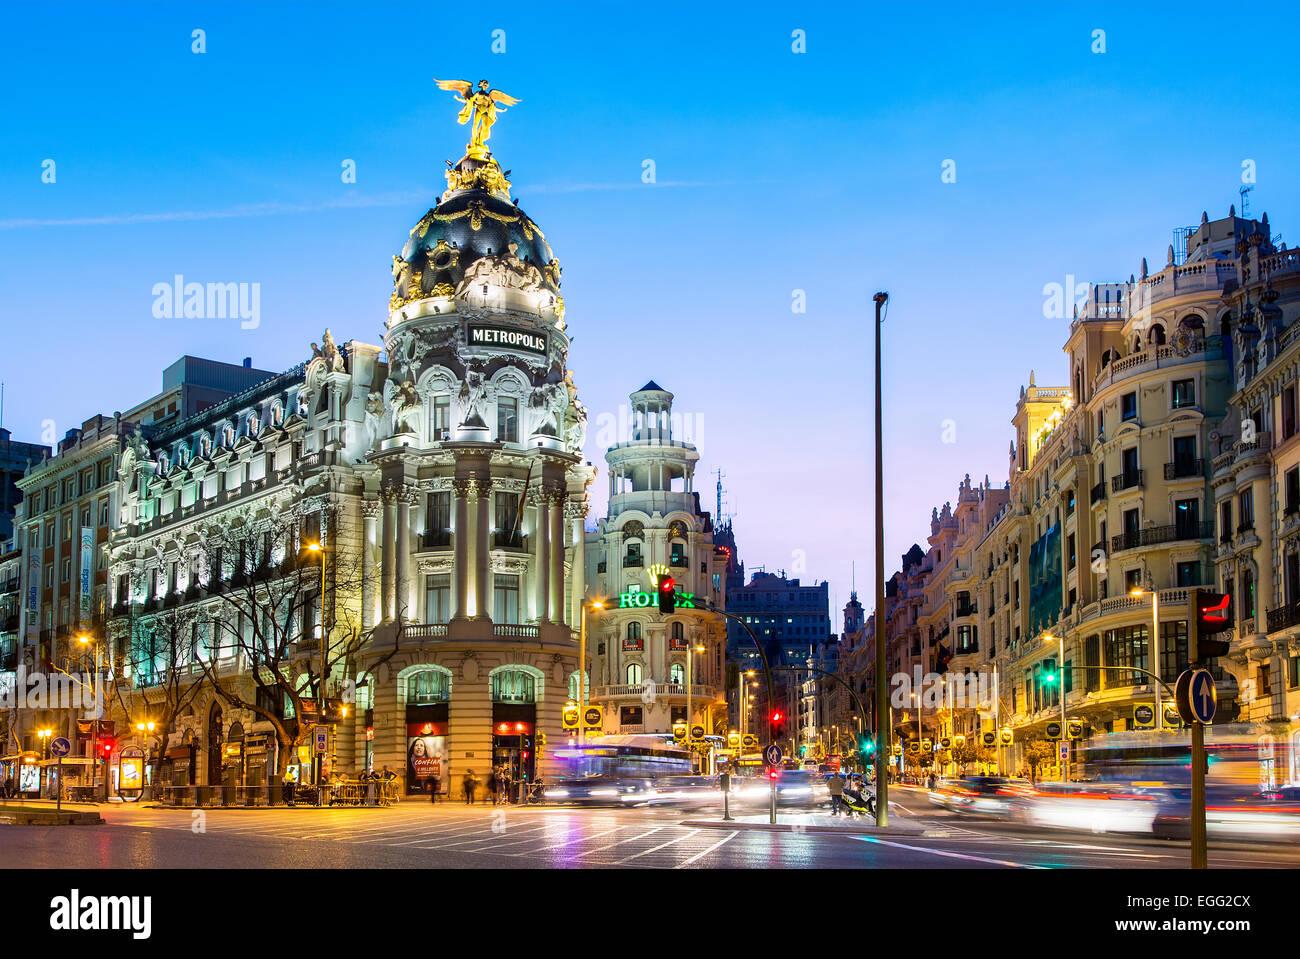 madrid-metropolis-building-and-gran-via-